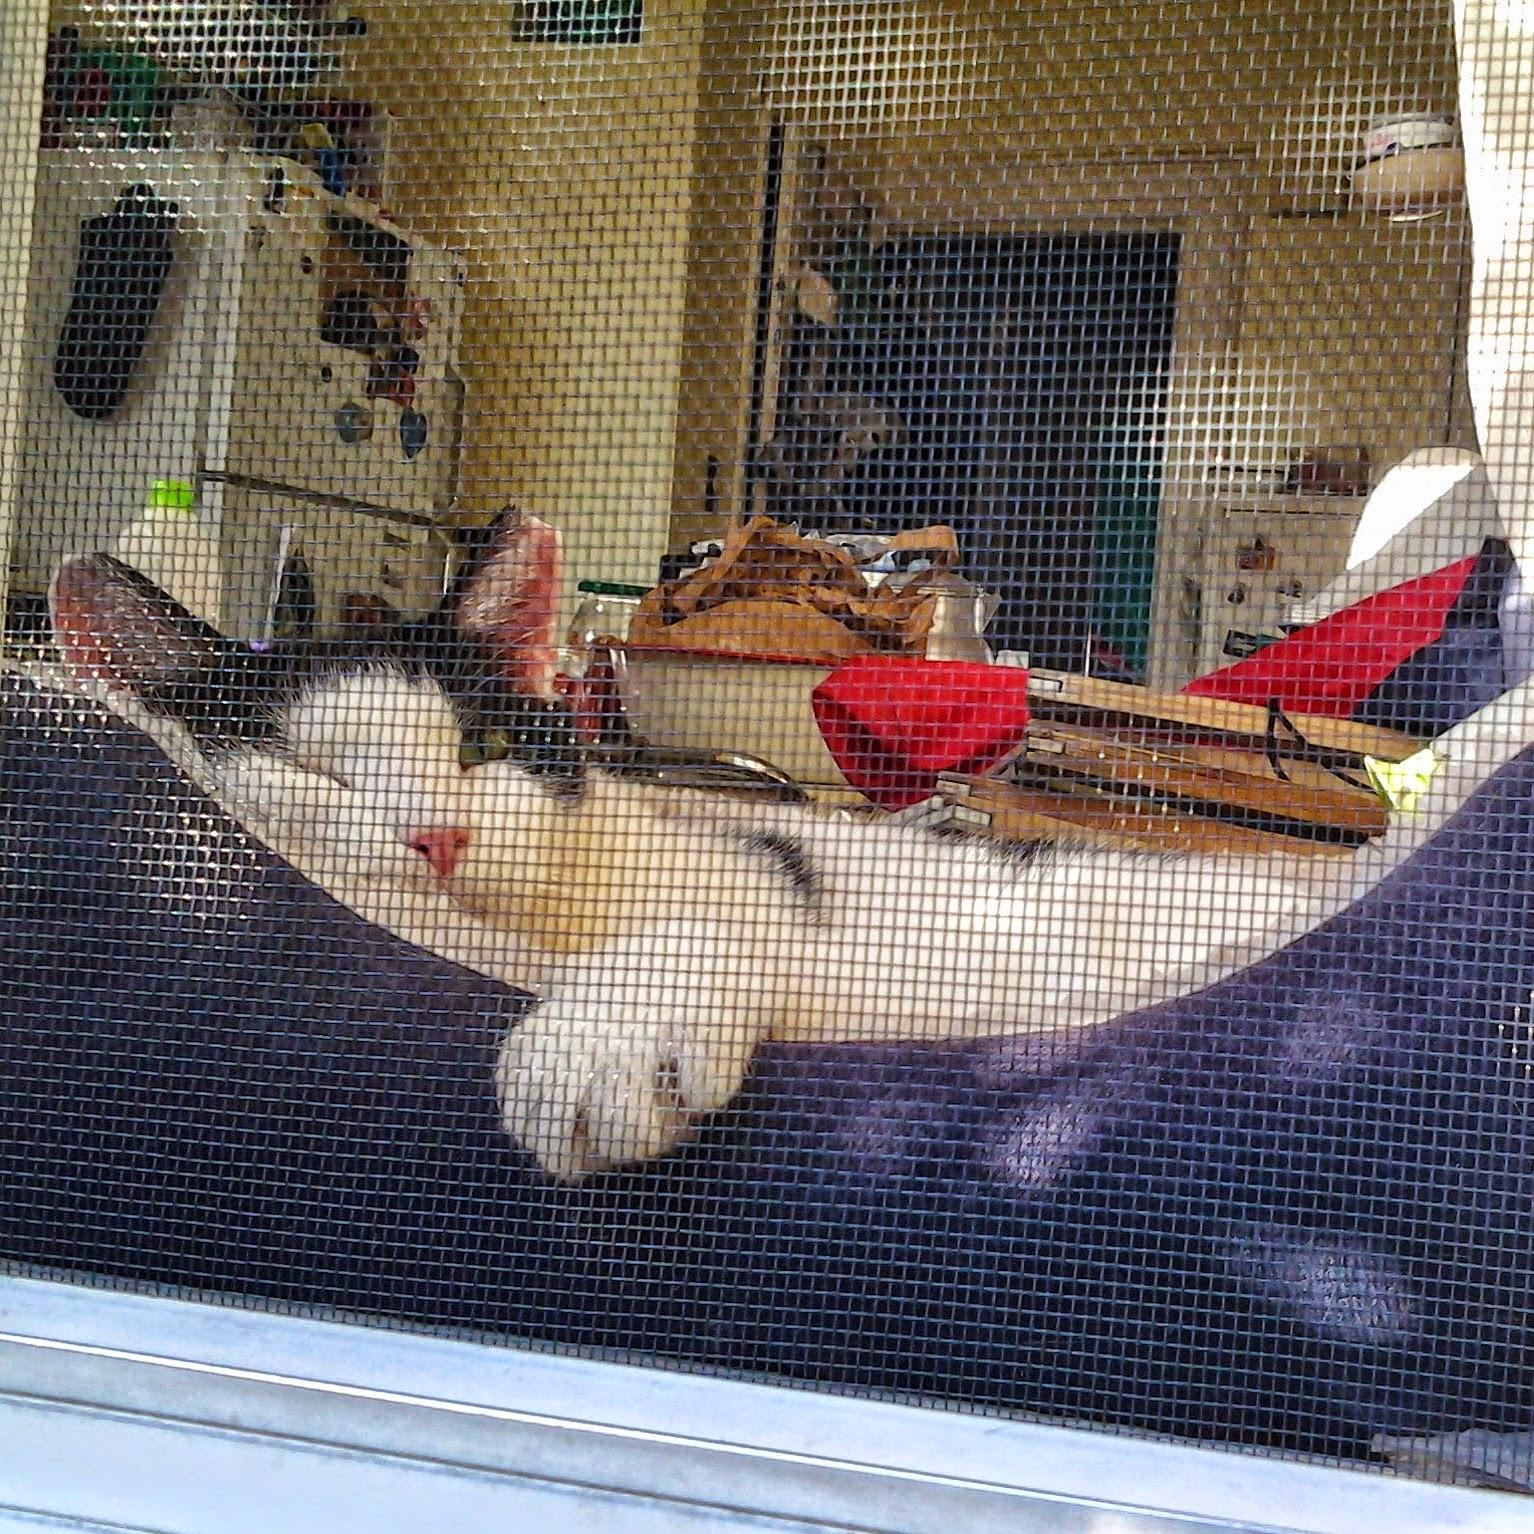 Eddie in window